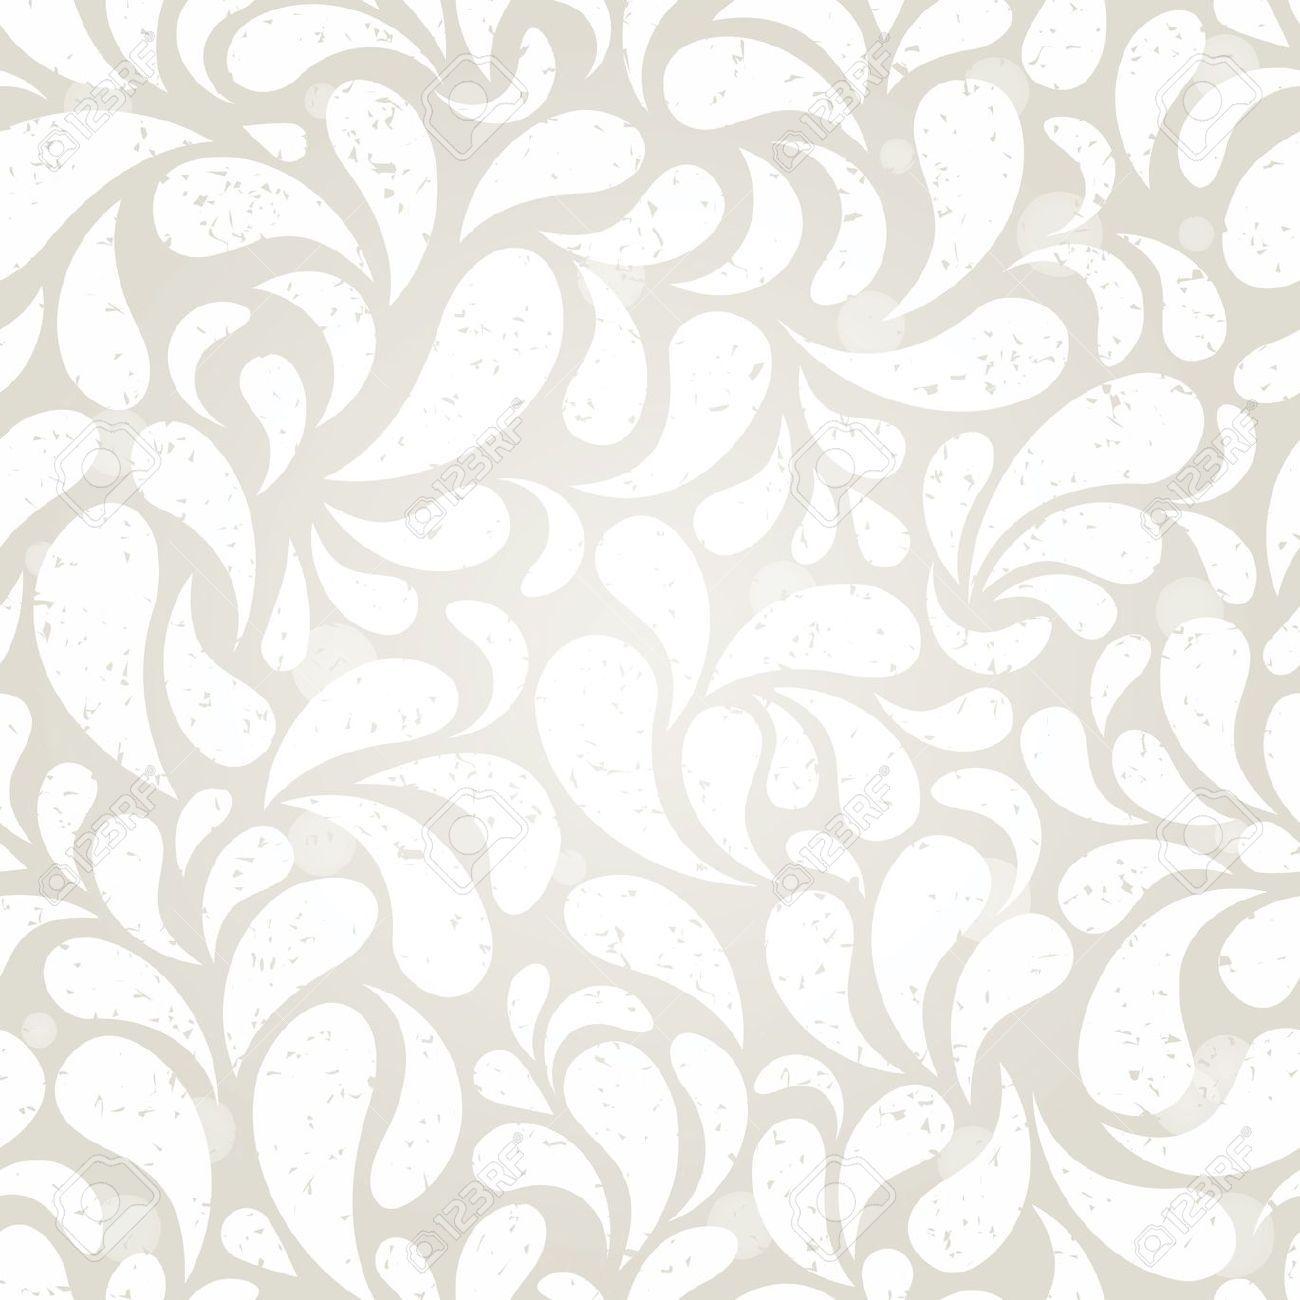 12931910 plata vintage papel tapiz sin fisuras ilustraci n for Papel decorativo dorado